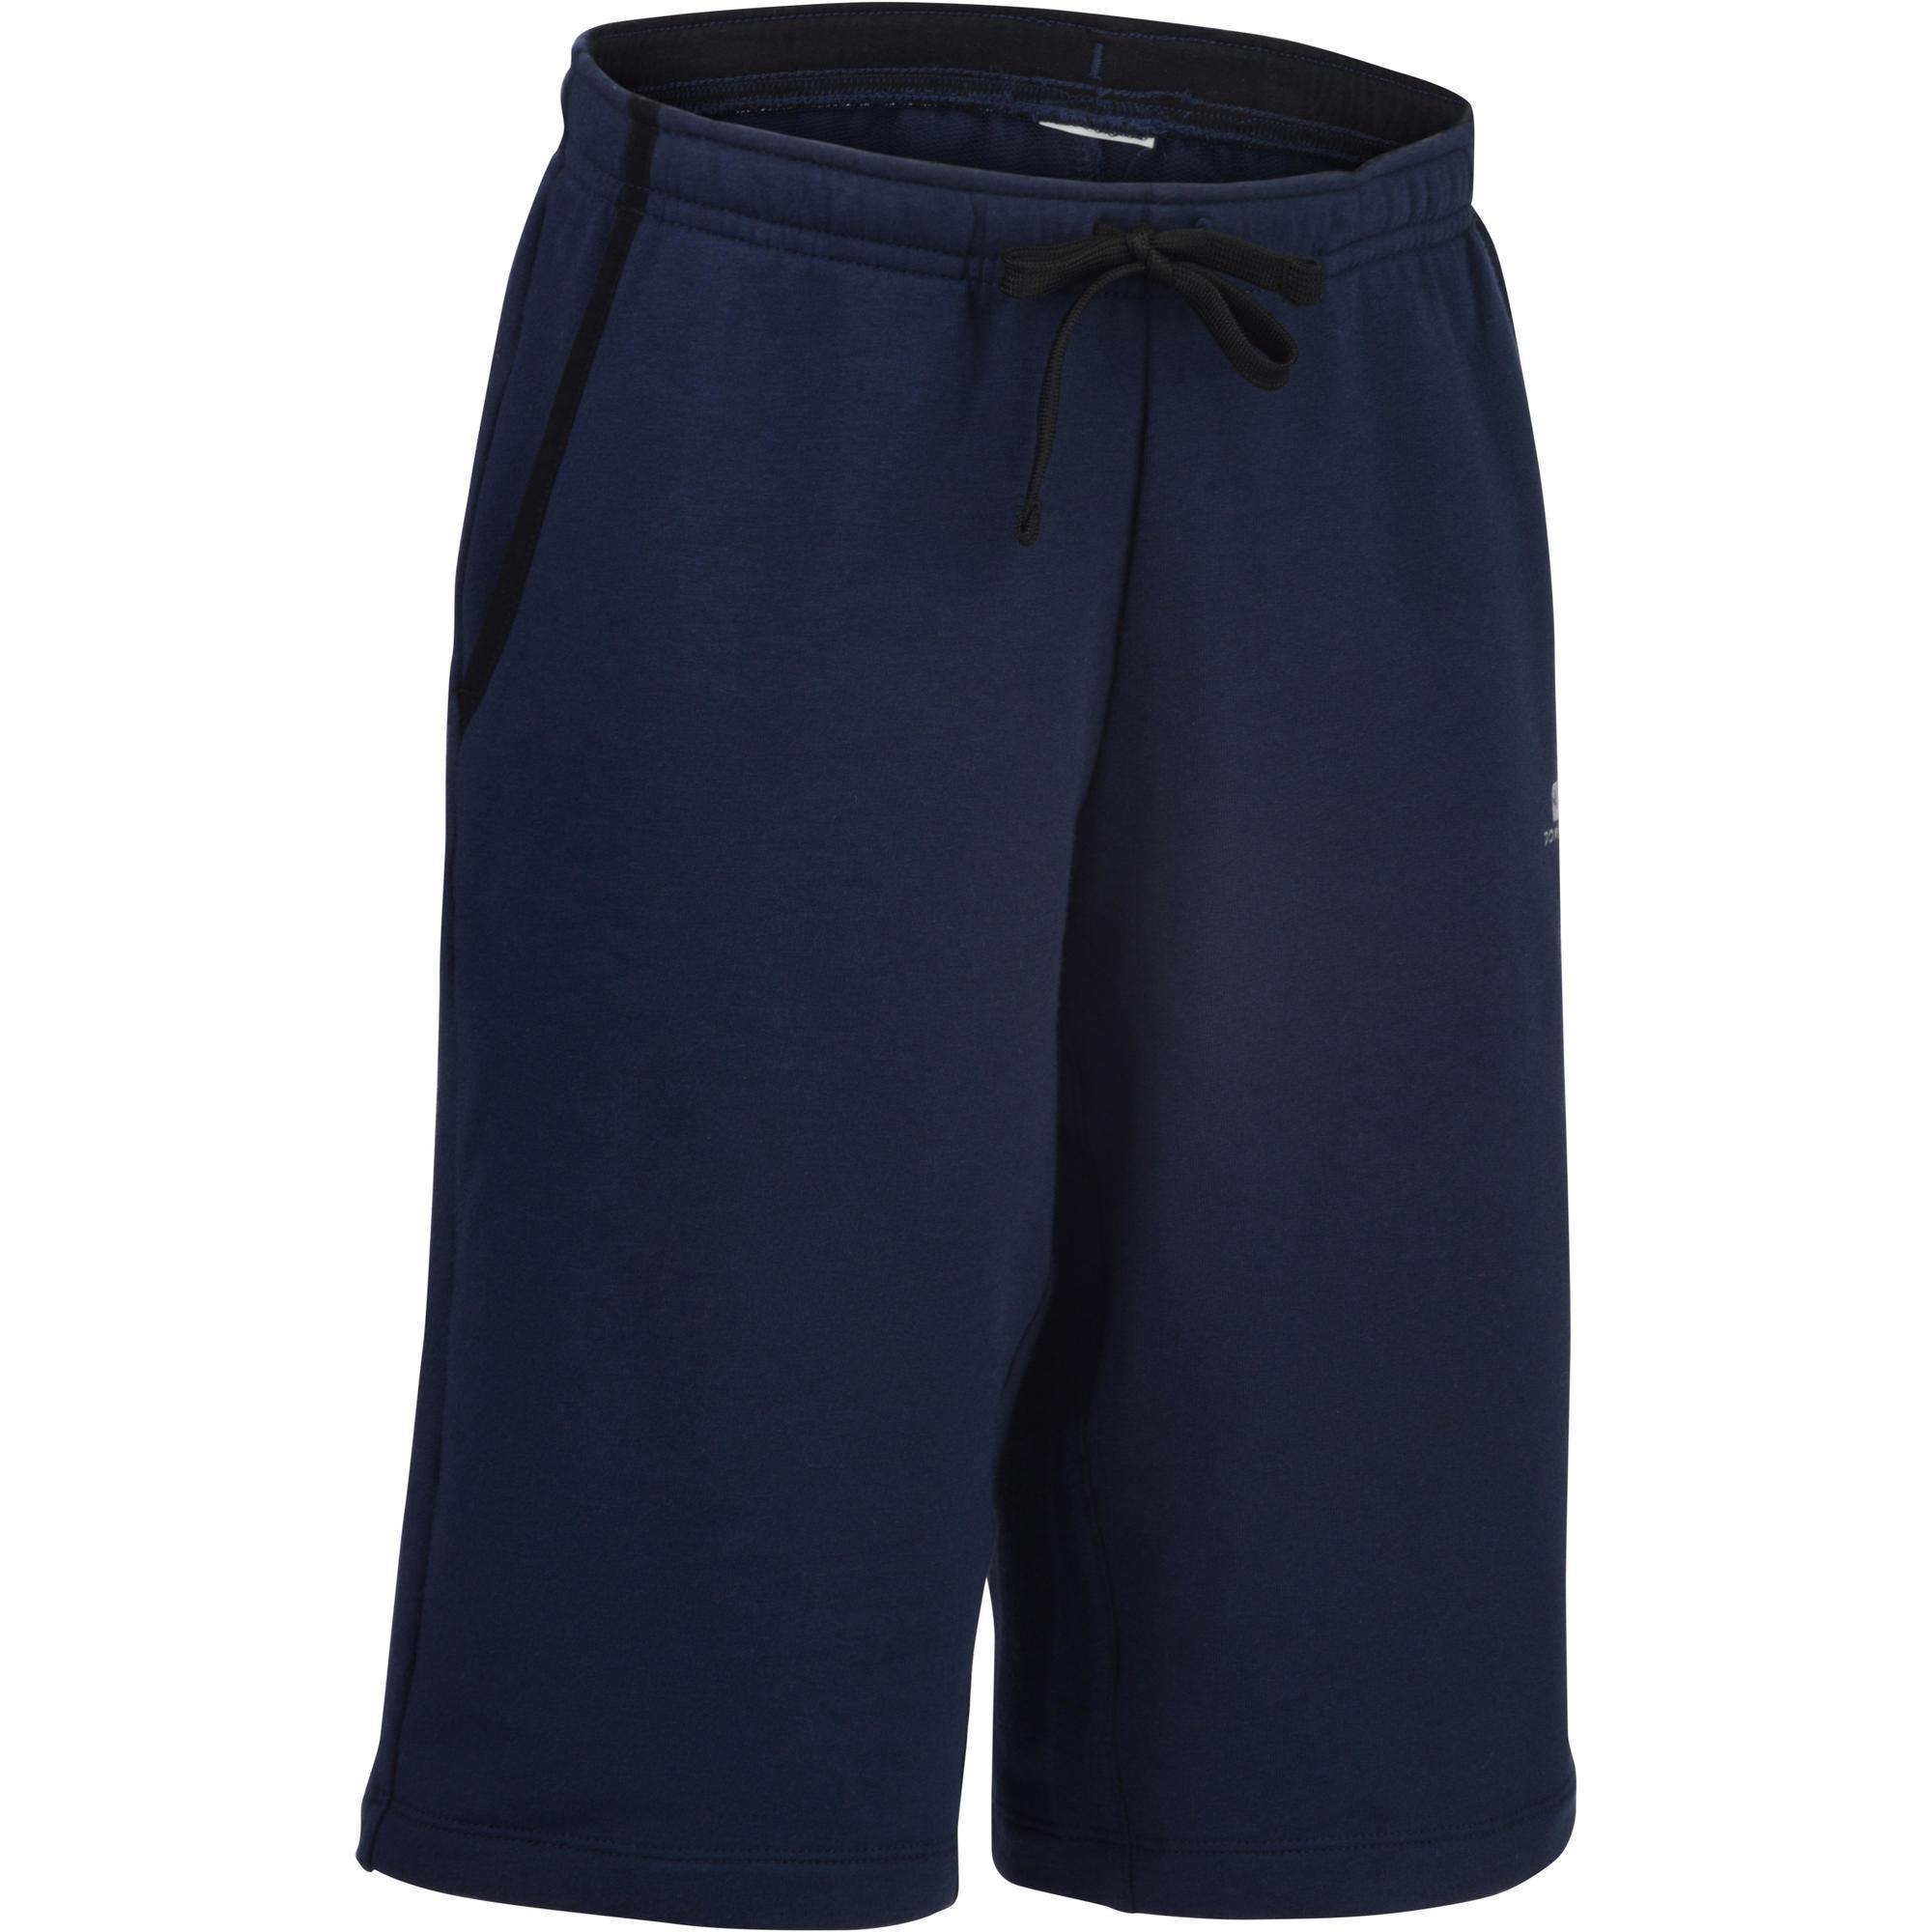 500 Boys' Gym Shorts - Navy